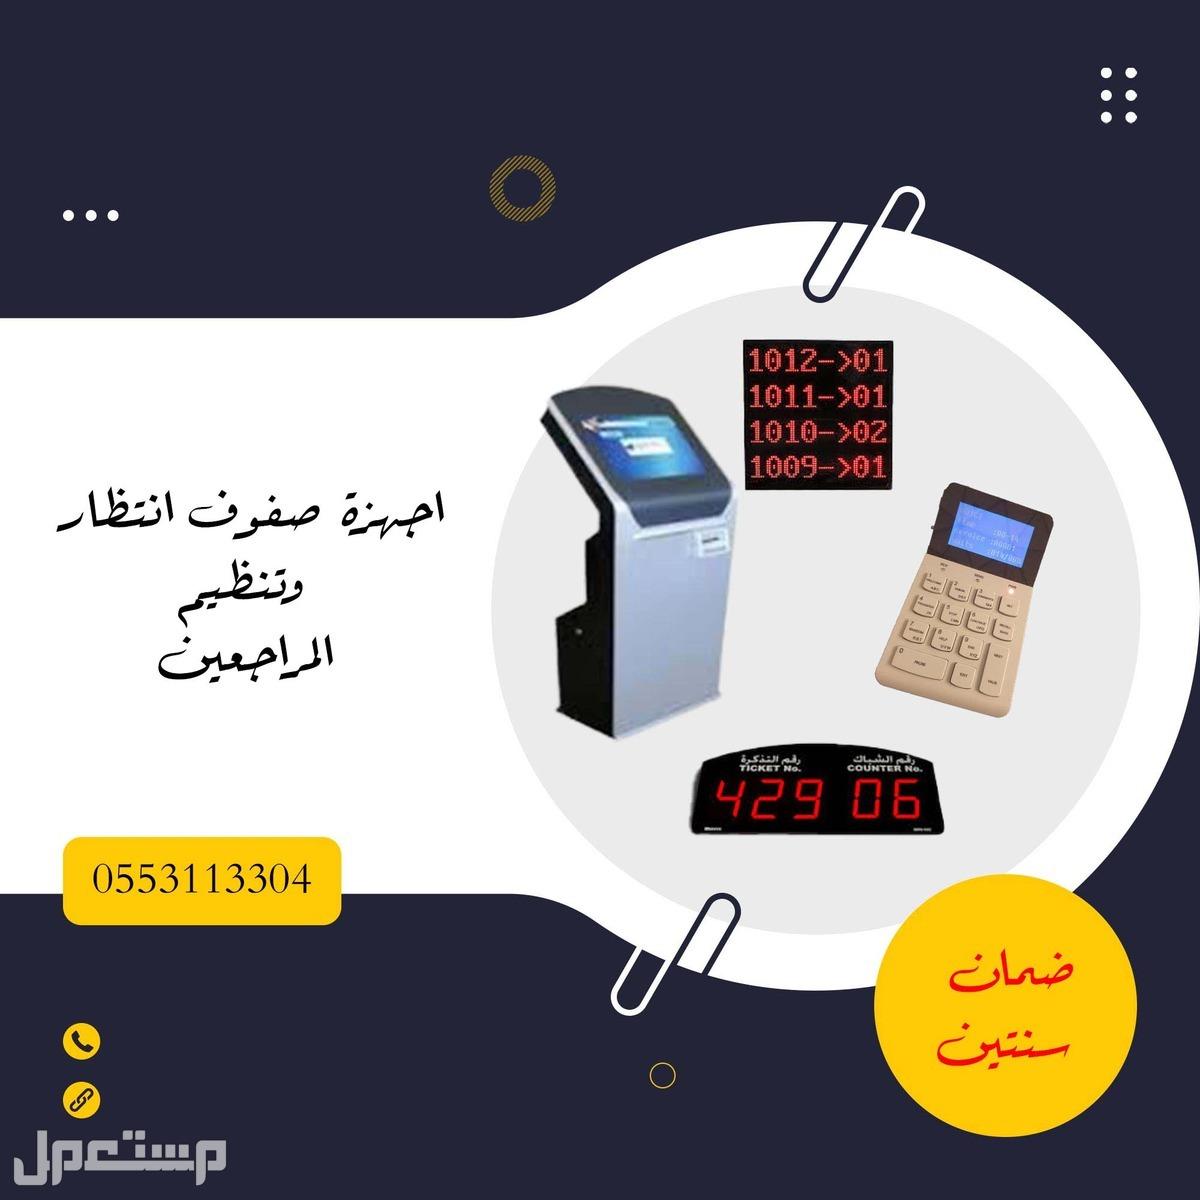 جهاز ترتيب -تنظيم صفوف  العملاء شاشة انتظار صفوف-ترقيم-لاسلكي